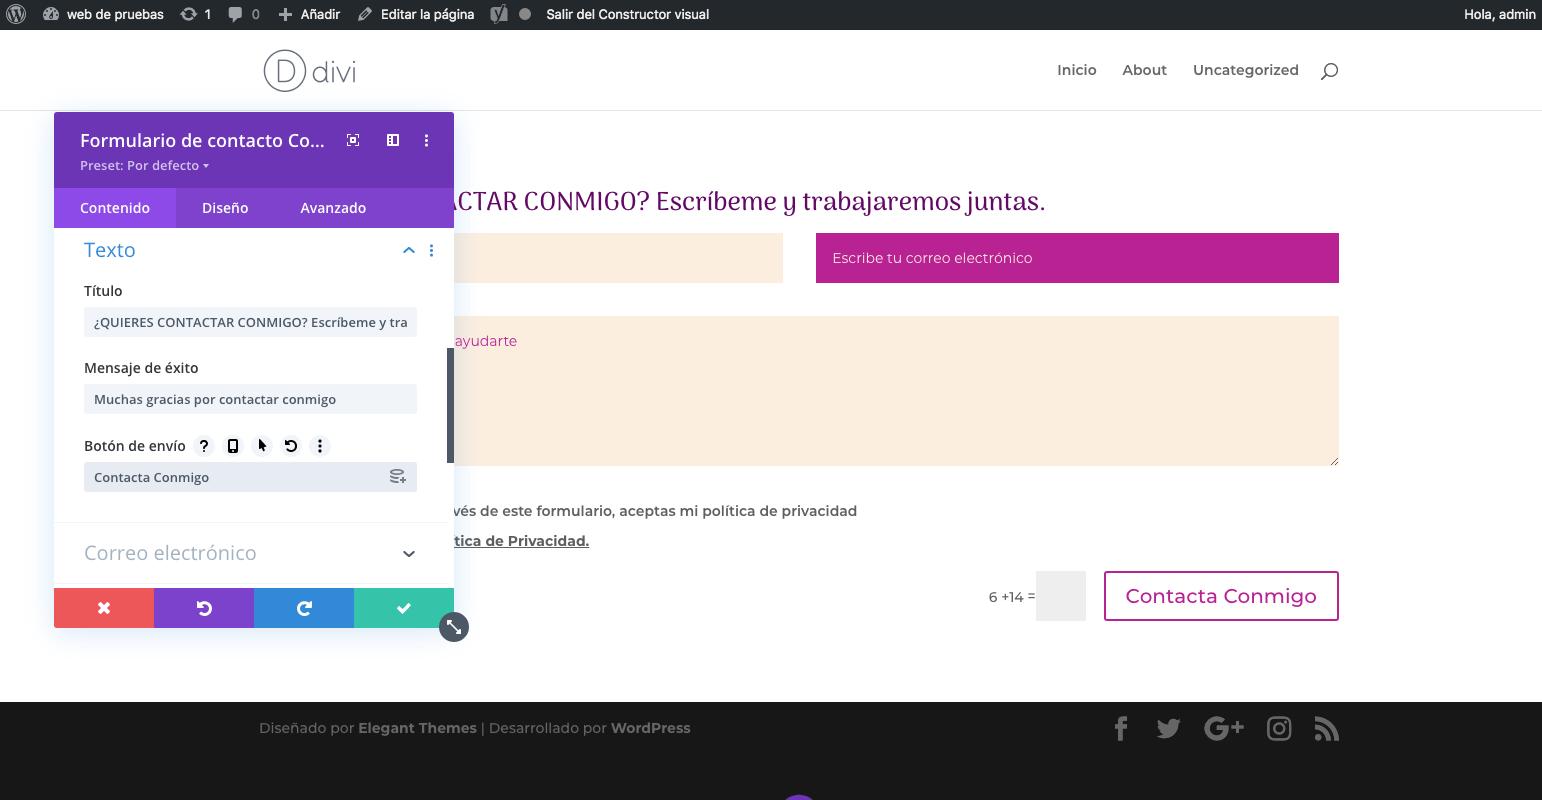 boton de envio del formulario de la pagina de contacto paso a paso